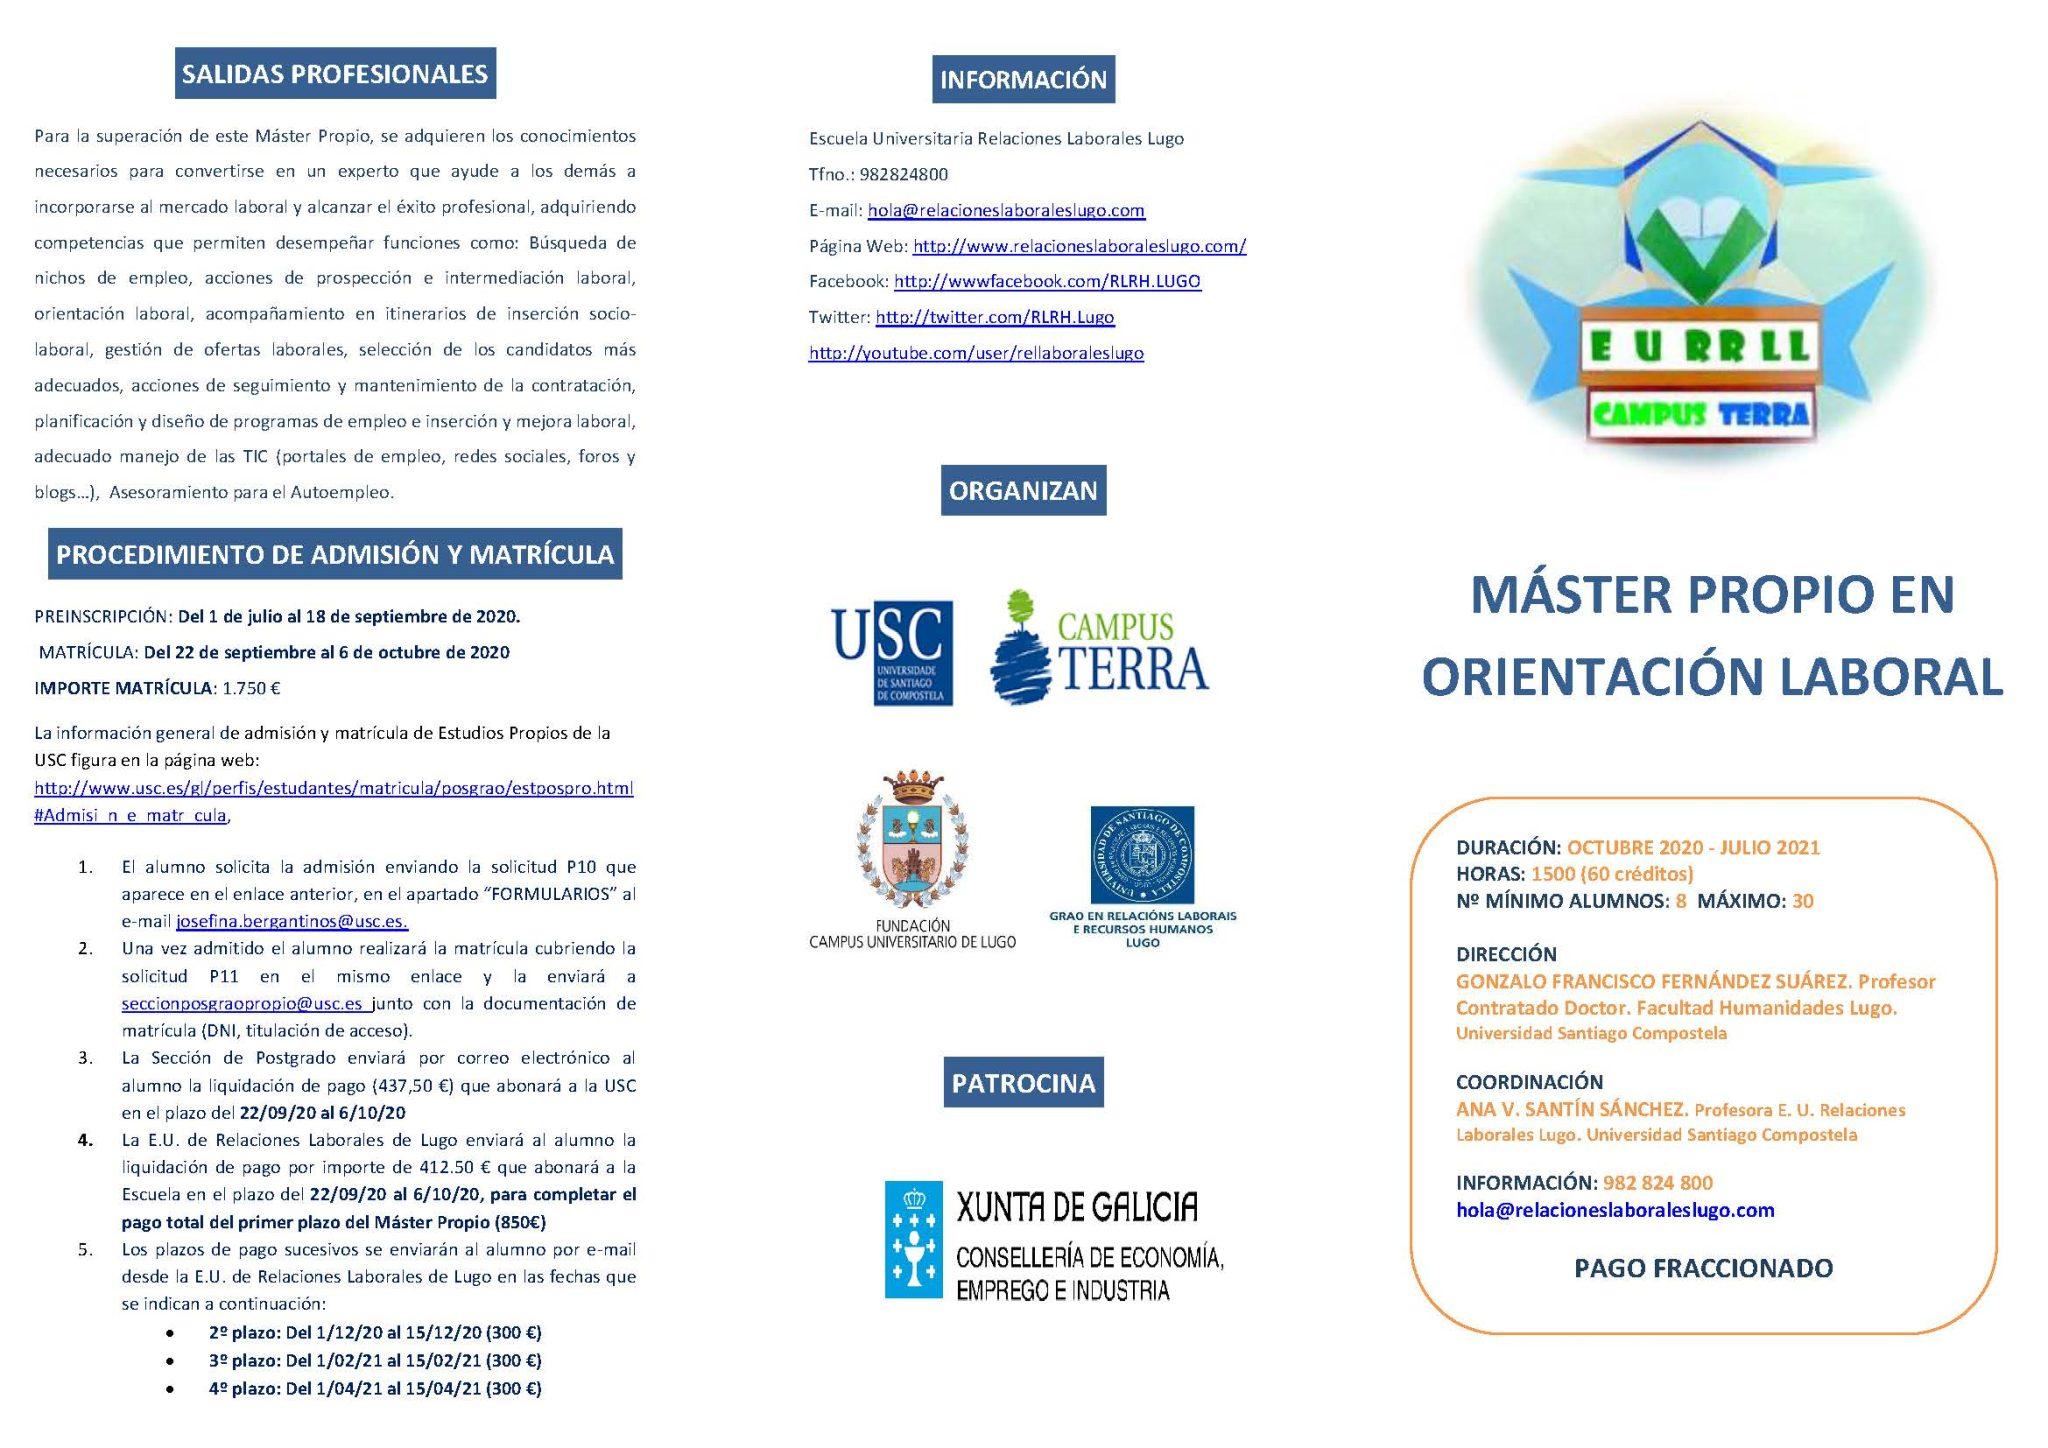 TRIPTICO_Máster OL_2020-21_Página_2